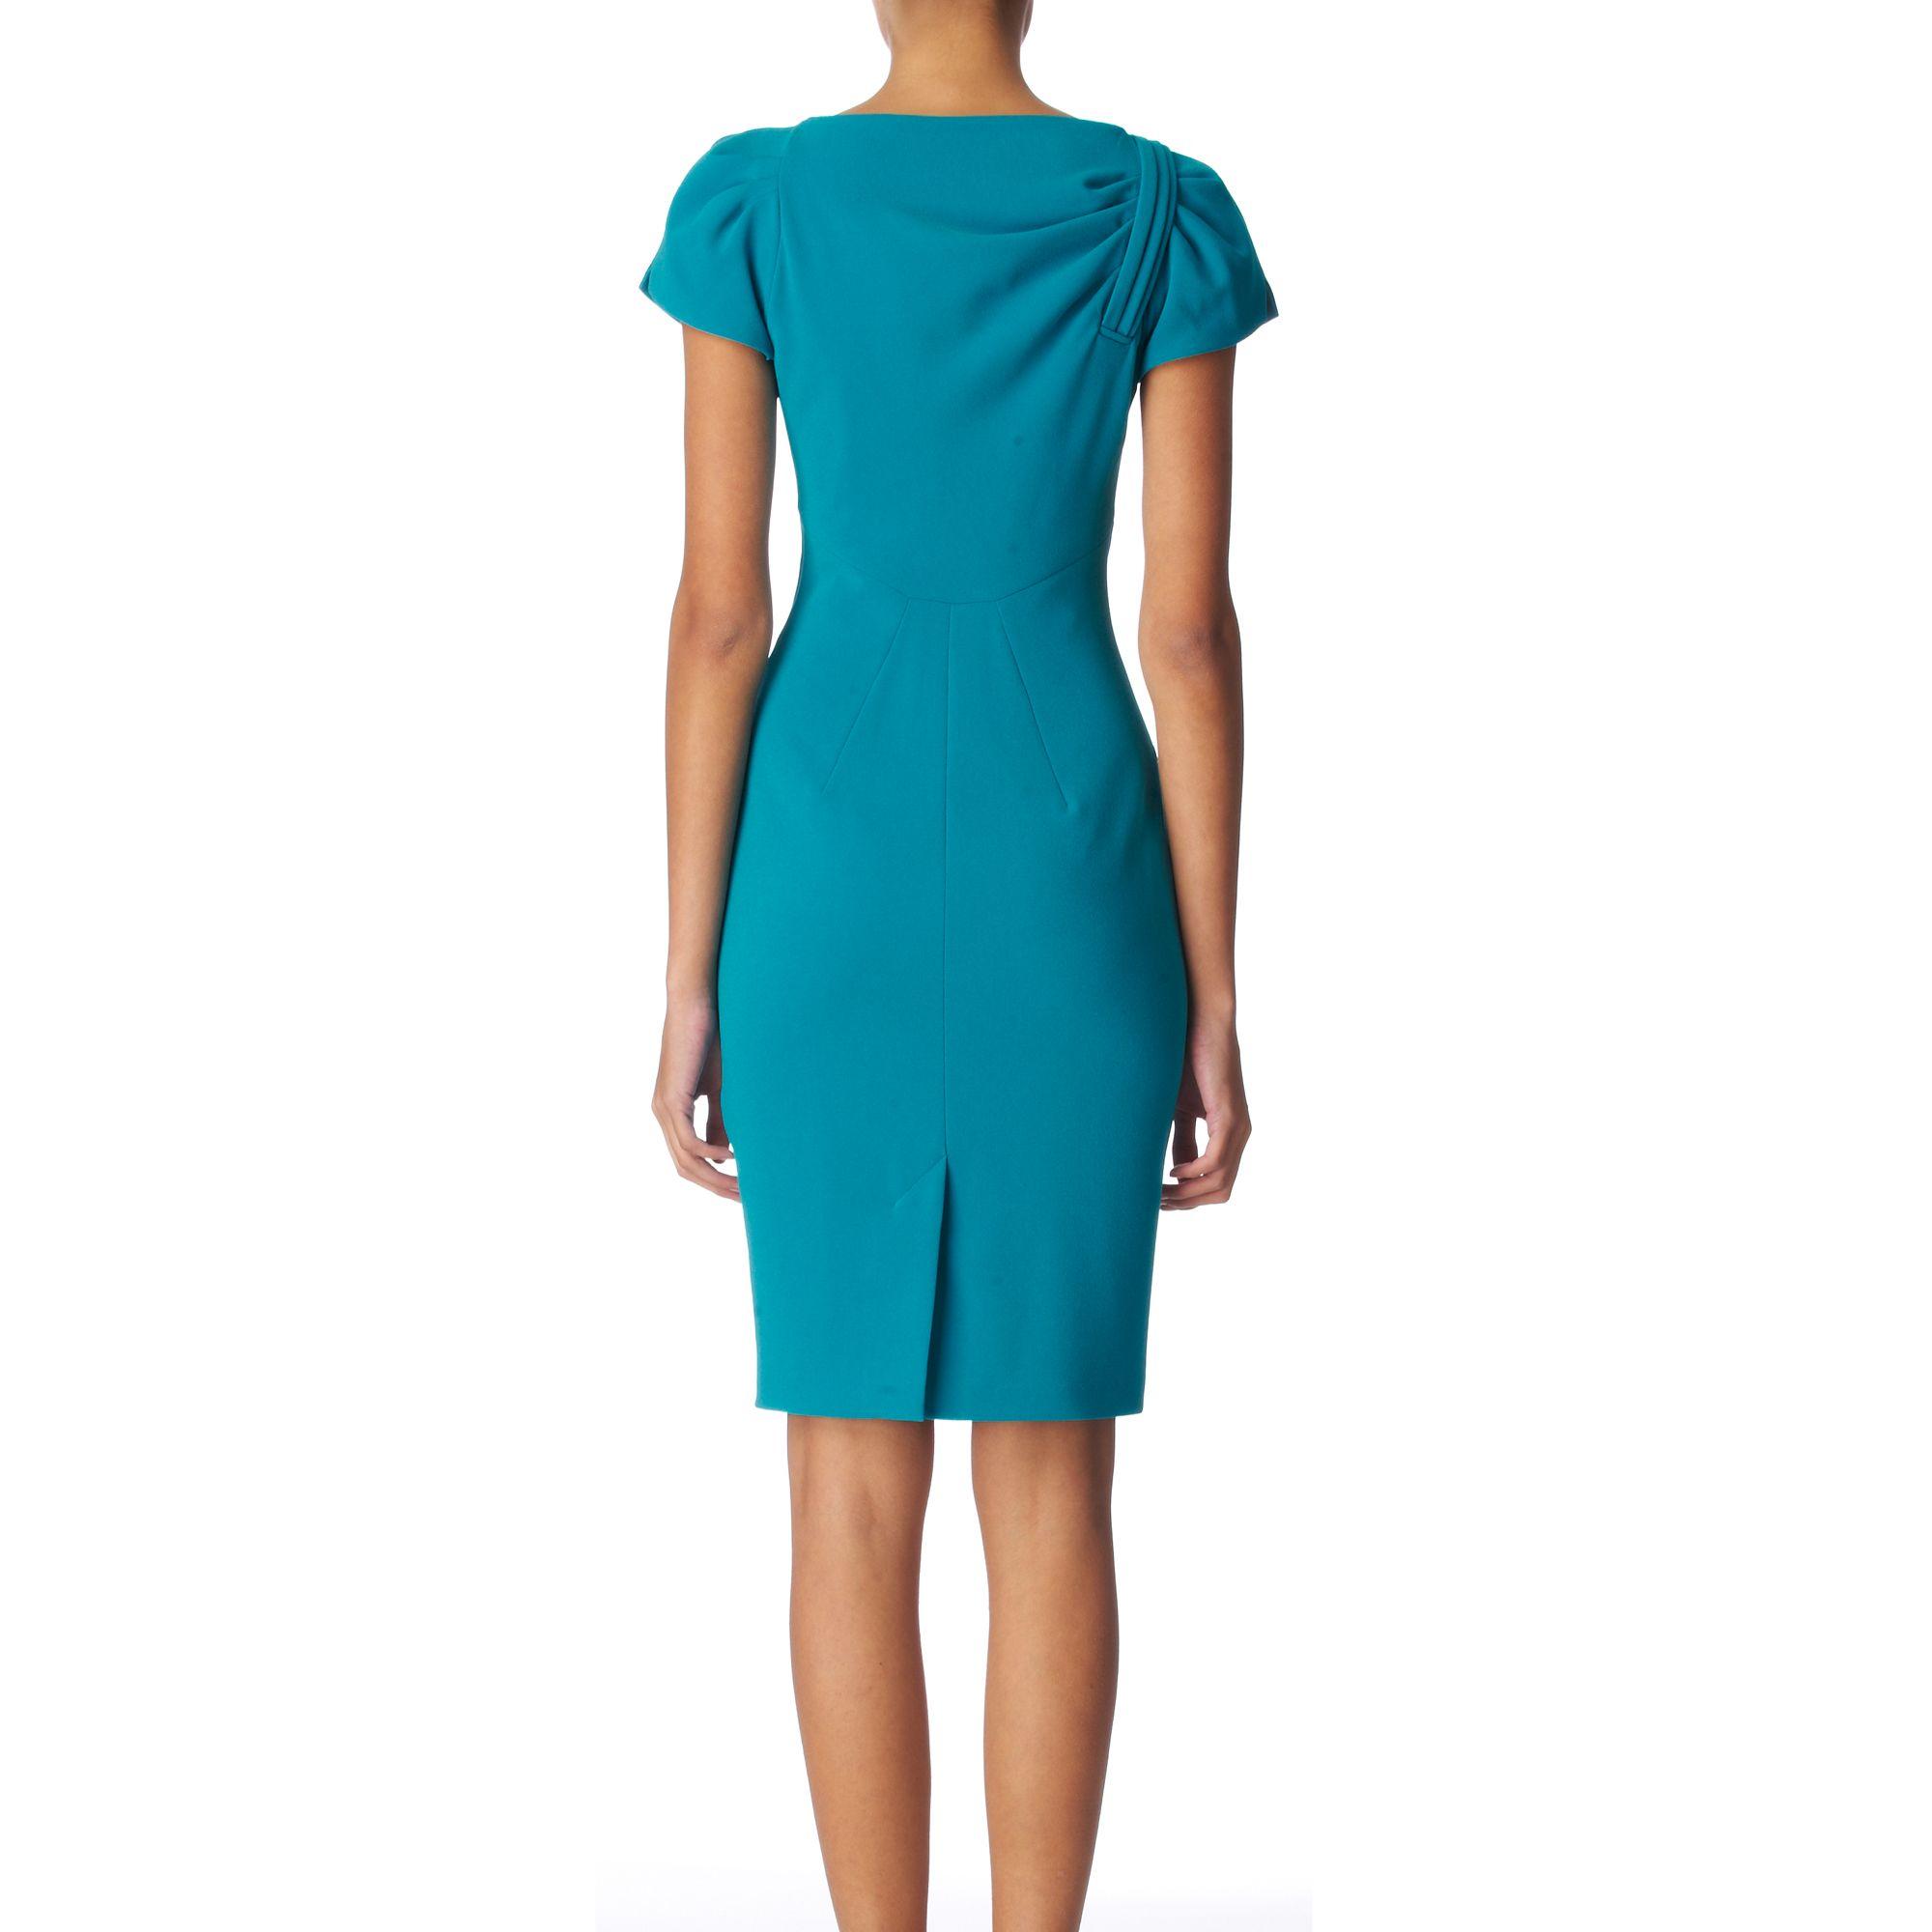 Karen Millen Crepe Dress in Blue - Lyst